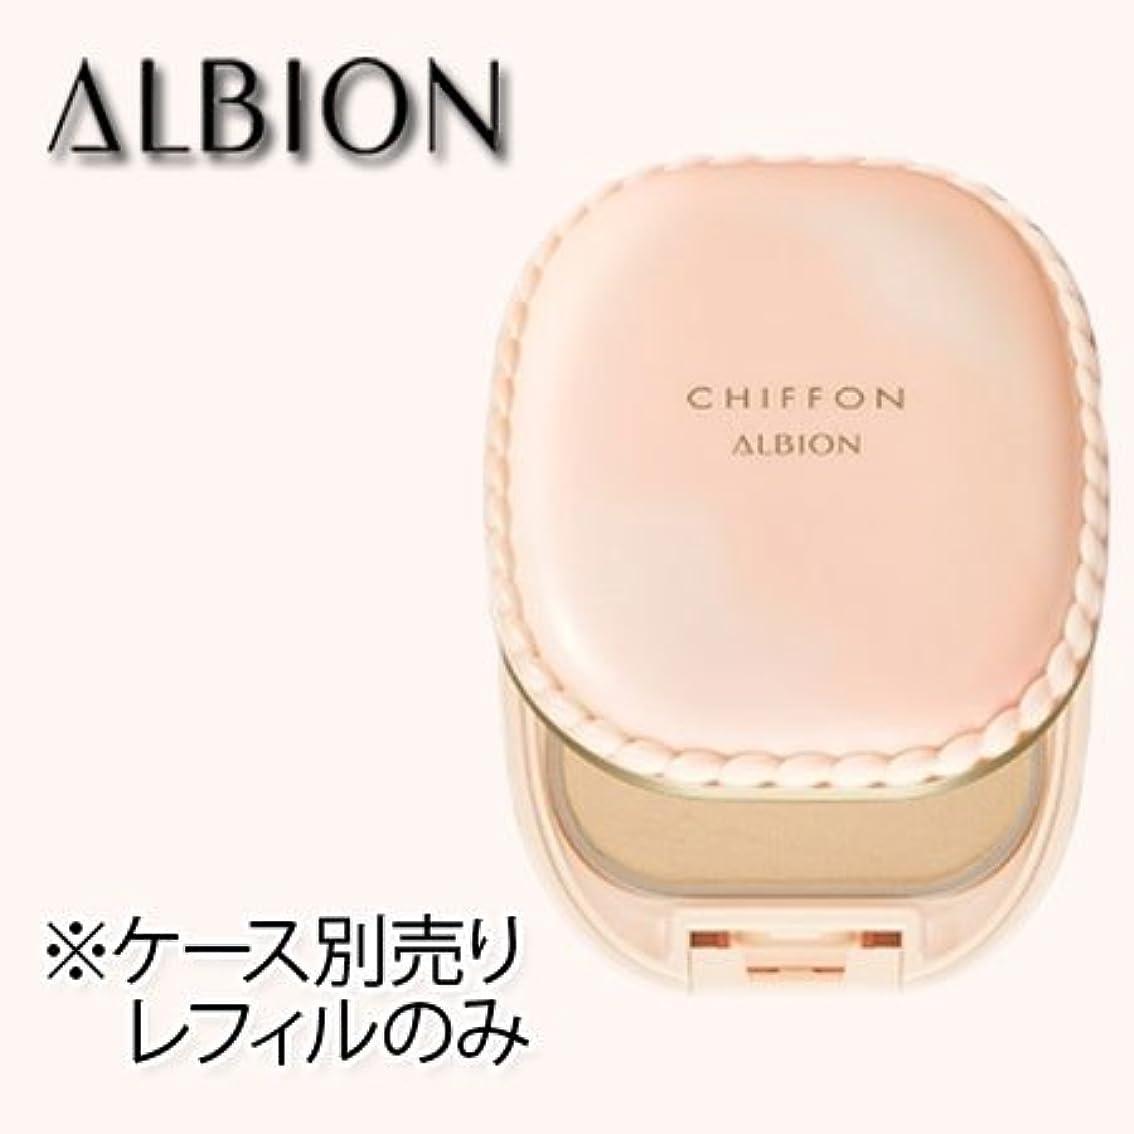 自治実際のびっくりするアルビオン スウィート モイスチュア シフォン (レフィル) 10g 6色 SPF22 PA++-ALBION- 030